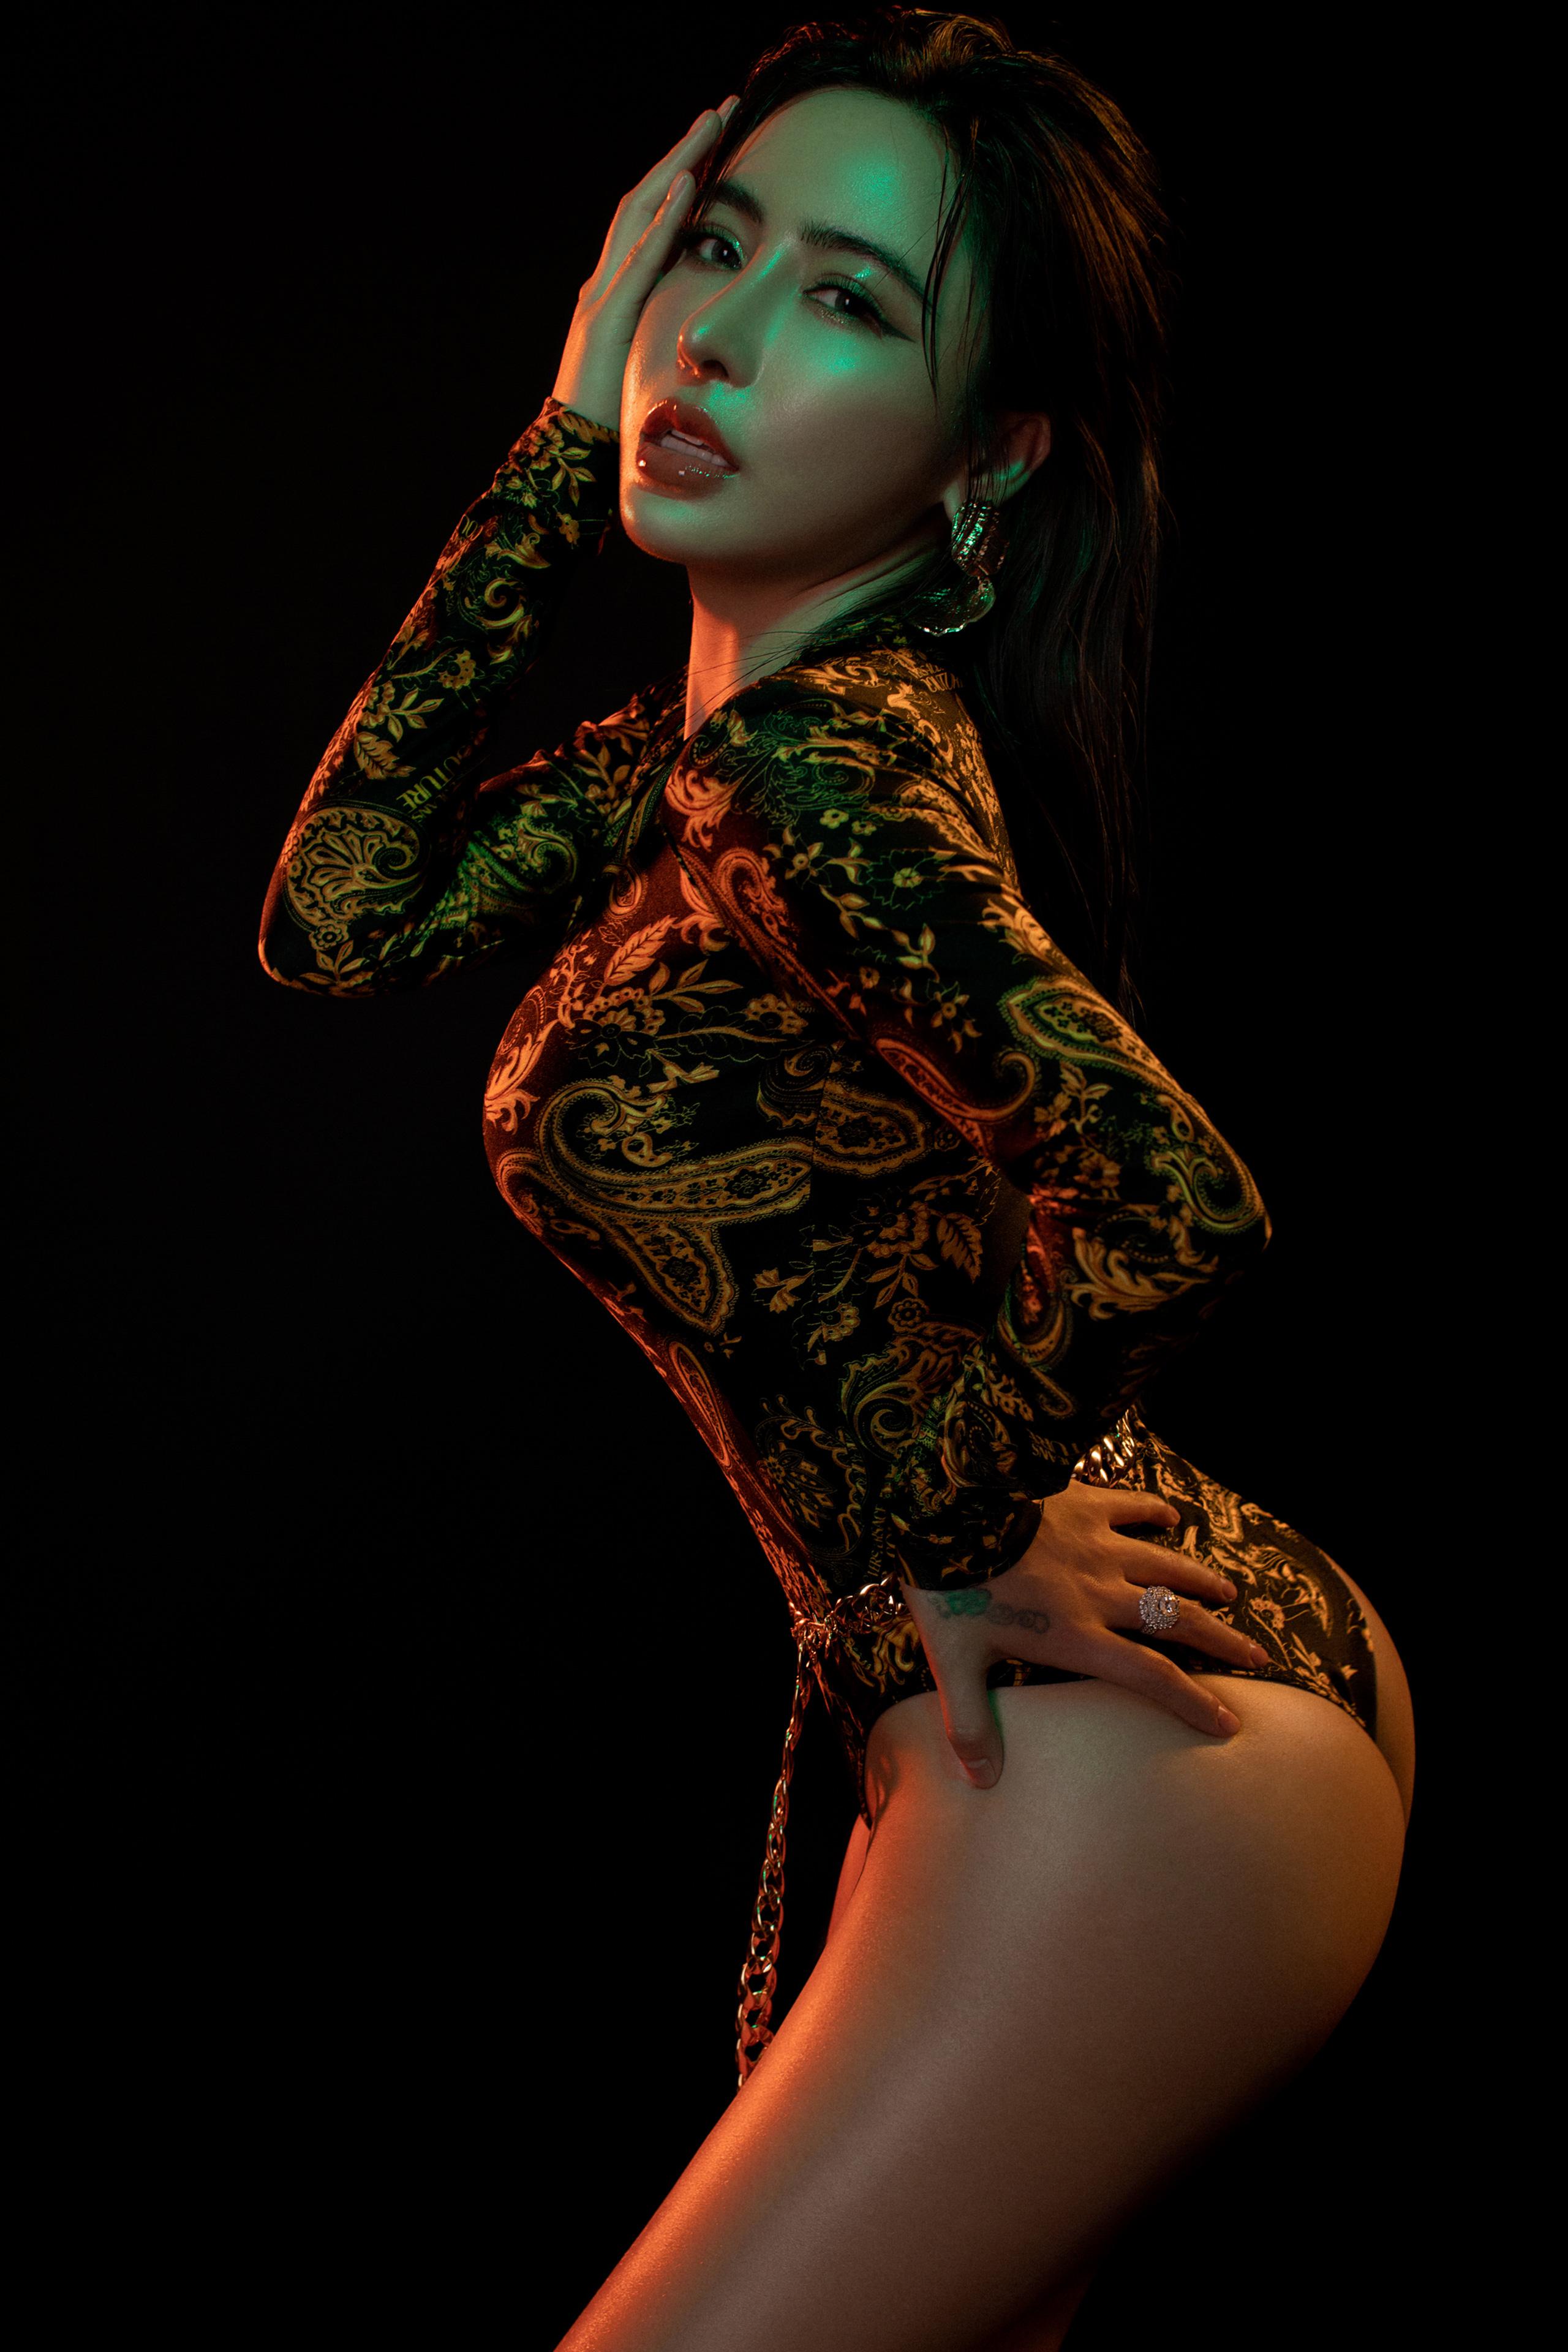 Chẳng có ai hoàn hảo ở trên đời và phụ nữ cần làm đẹp để vươn tới sự hoàn hảo đó - Ảnh 3.